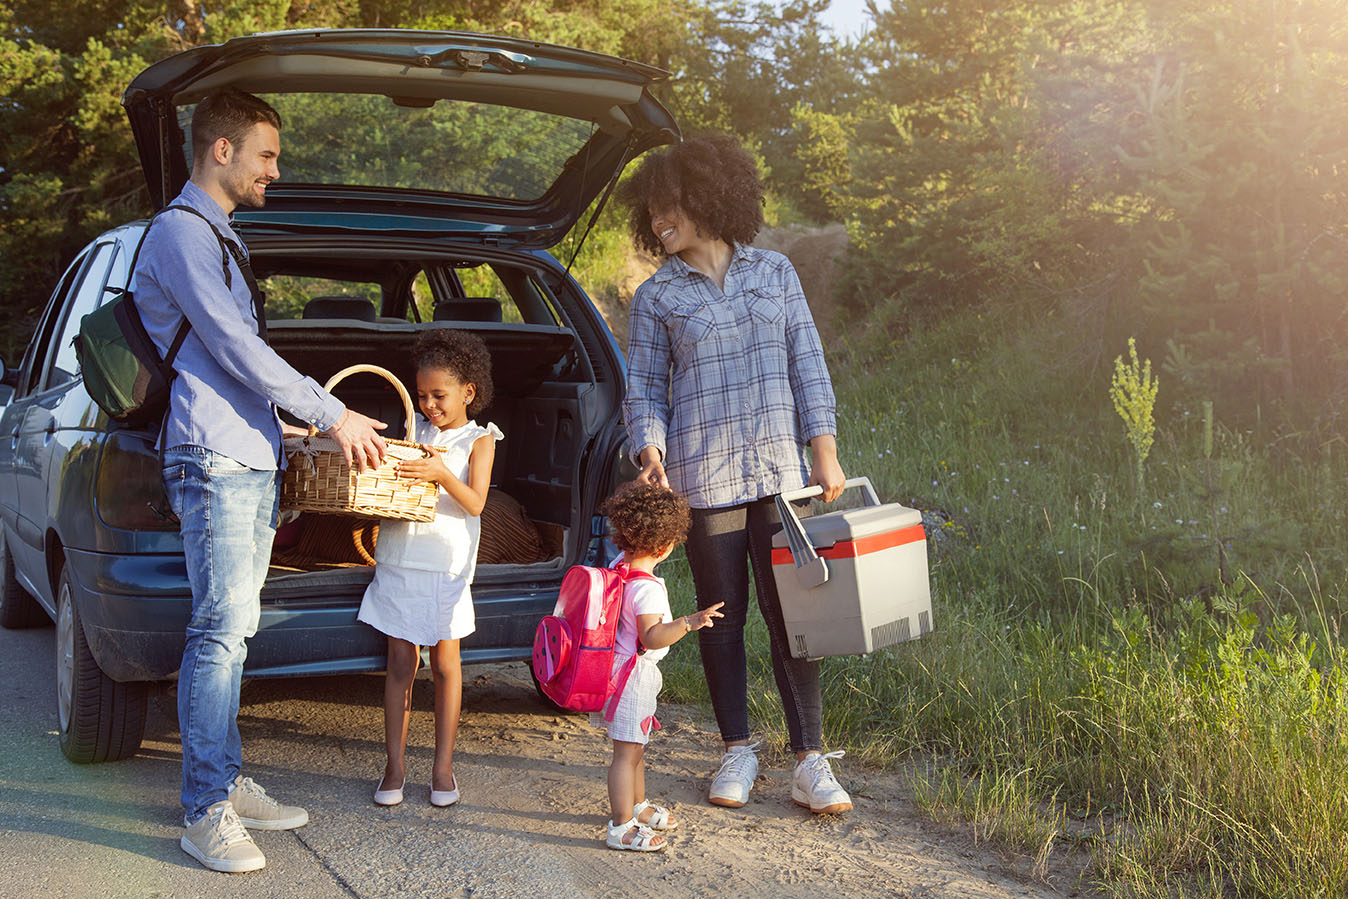 Una familia con dos niños pequeños sacando neveras y bocadillos del maletero del auto.